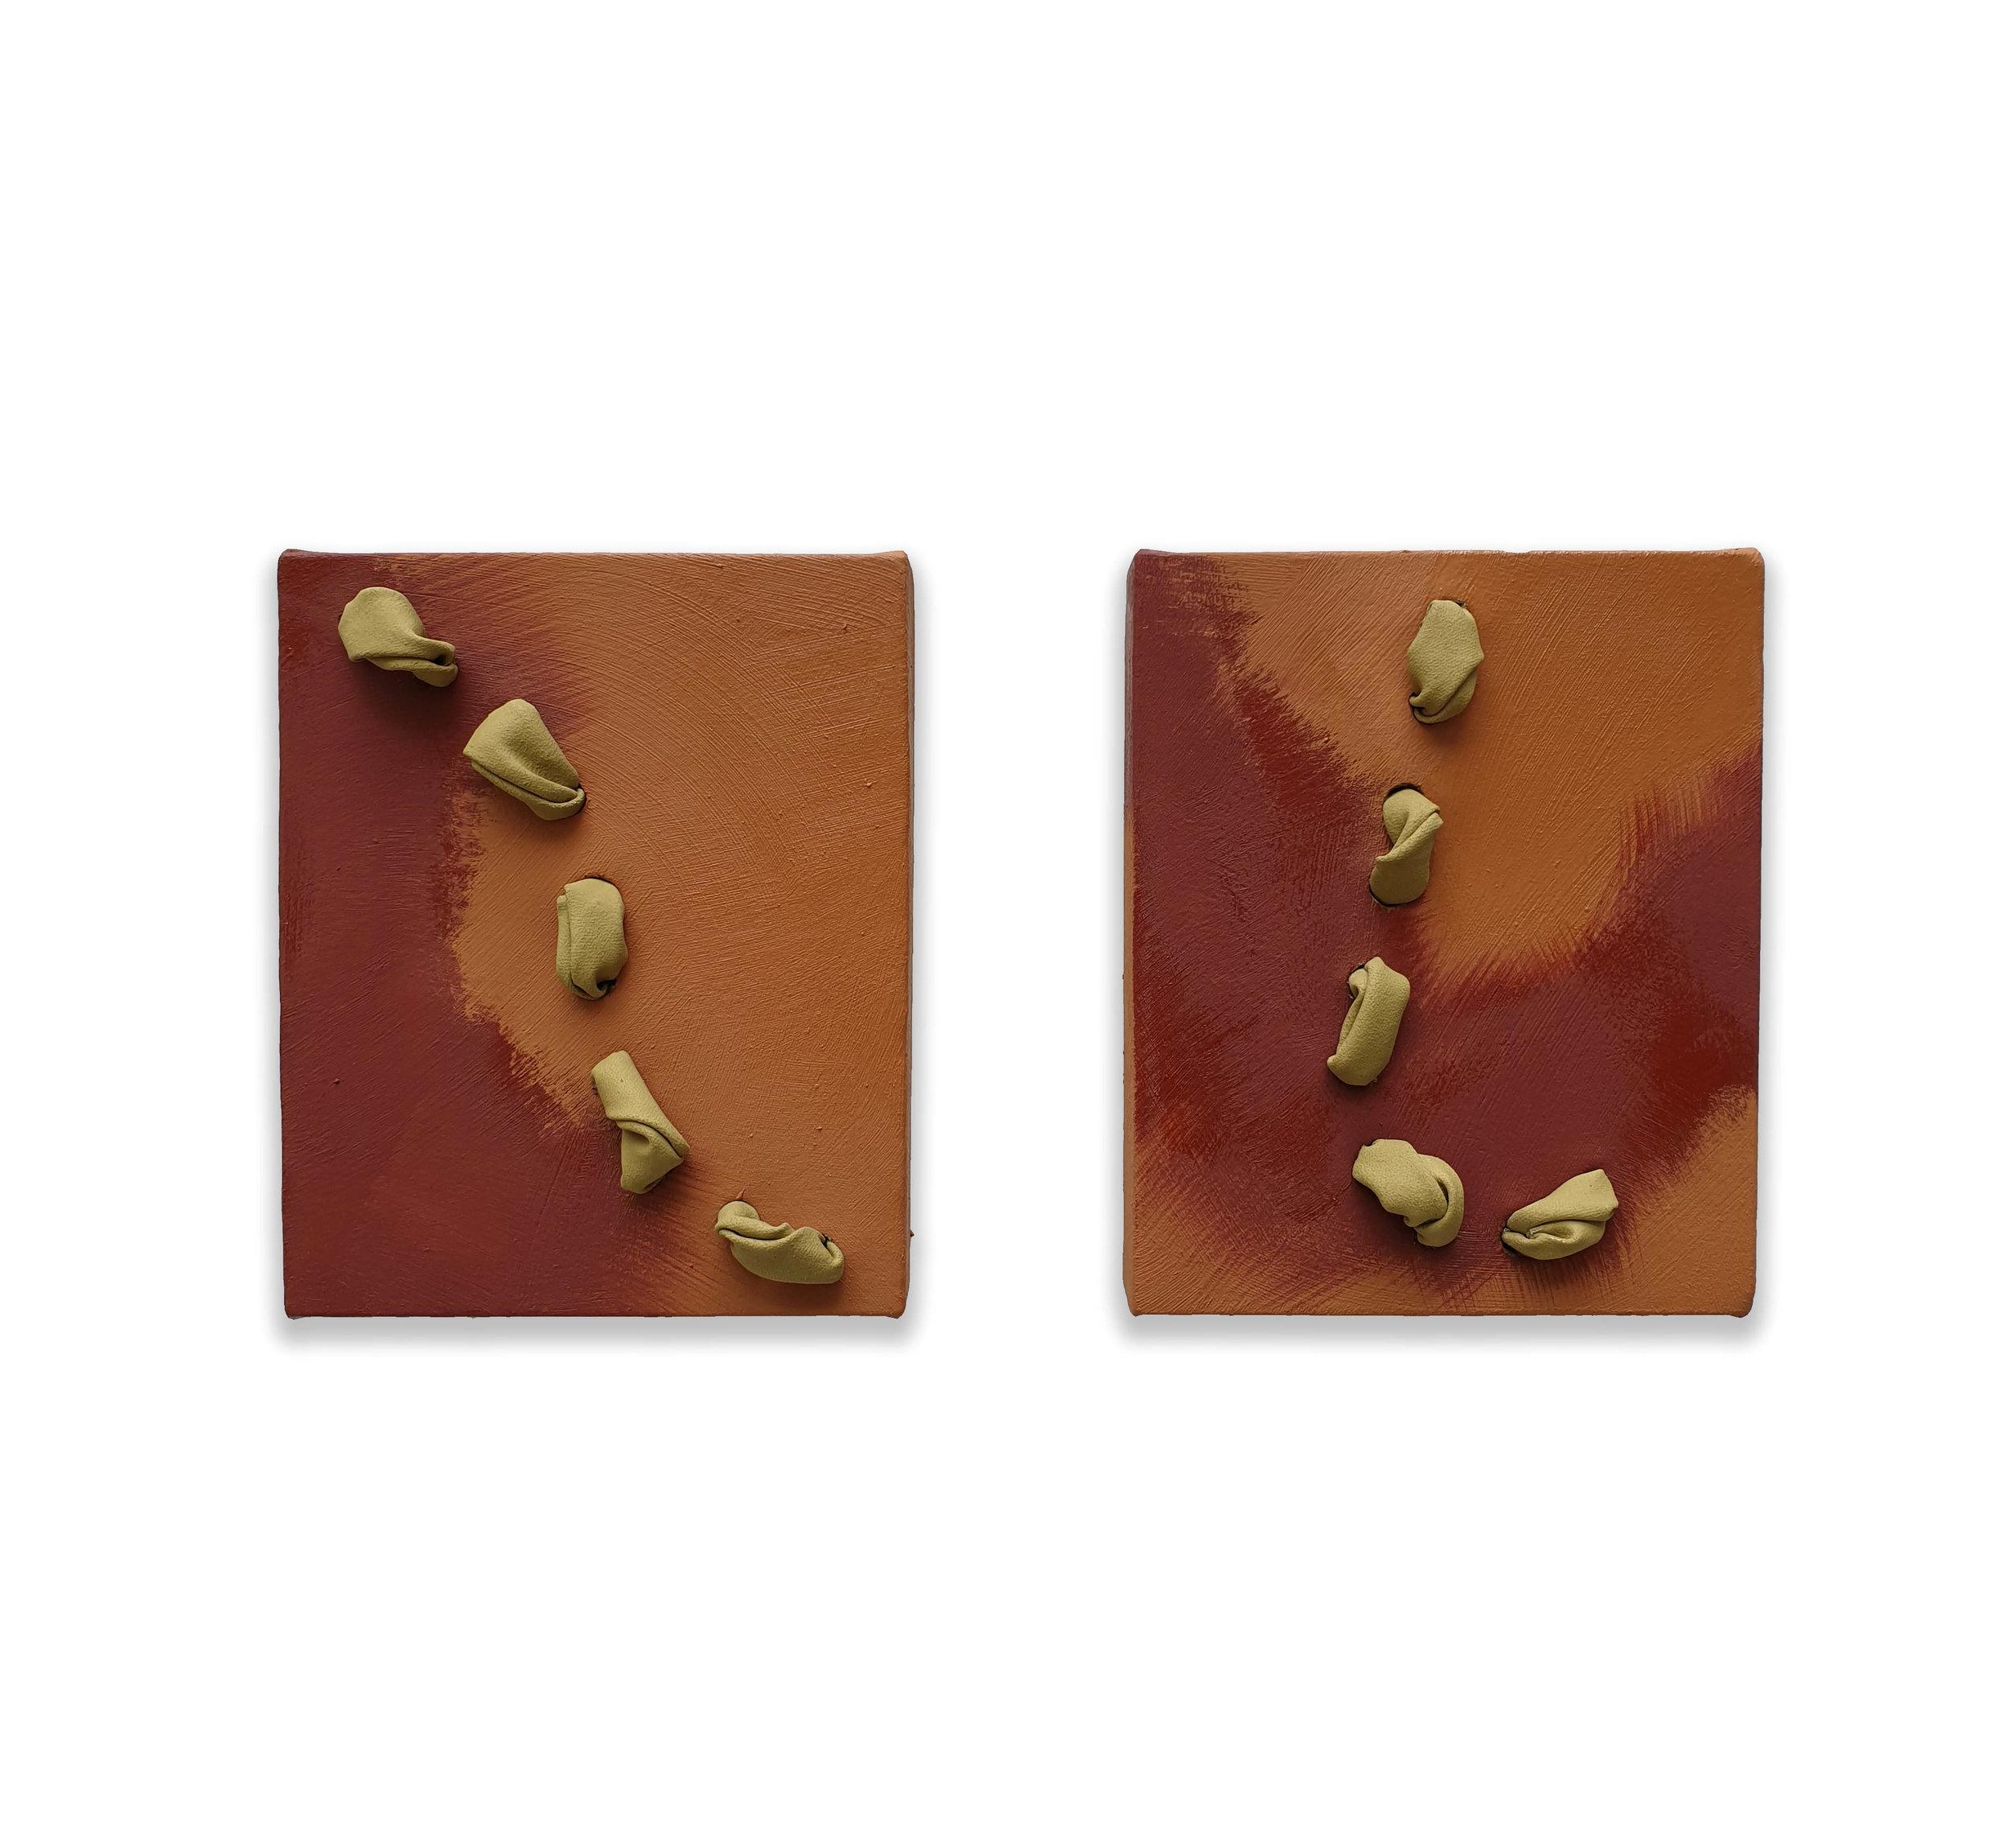 Dittico di Terra  - 2019  Pigmento acrilico e olio su tela tesa su tavola  25 x 20 x 5,4 cm ciascuno